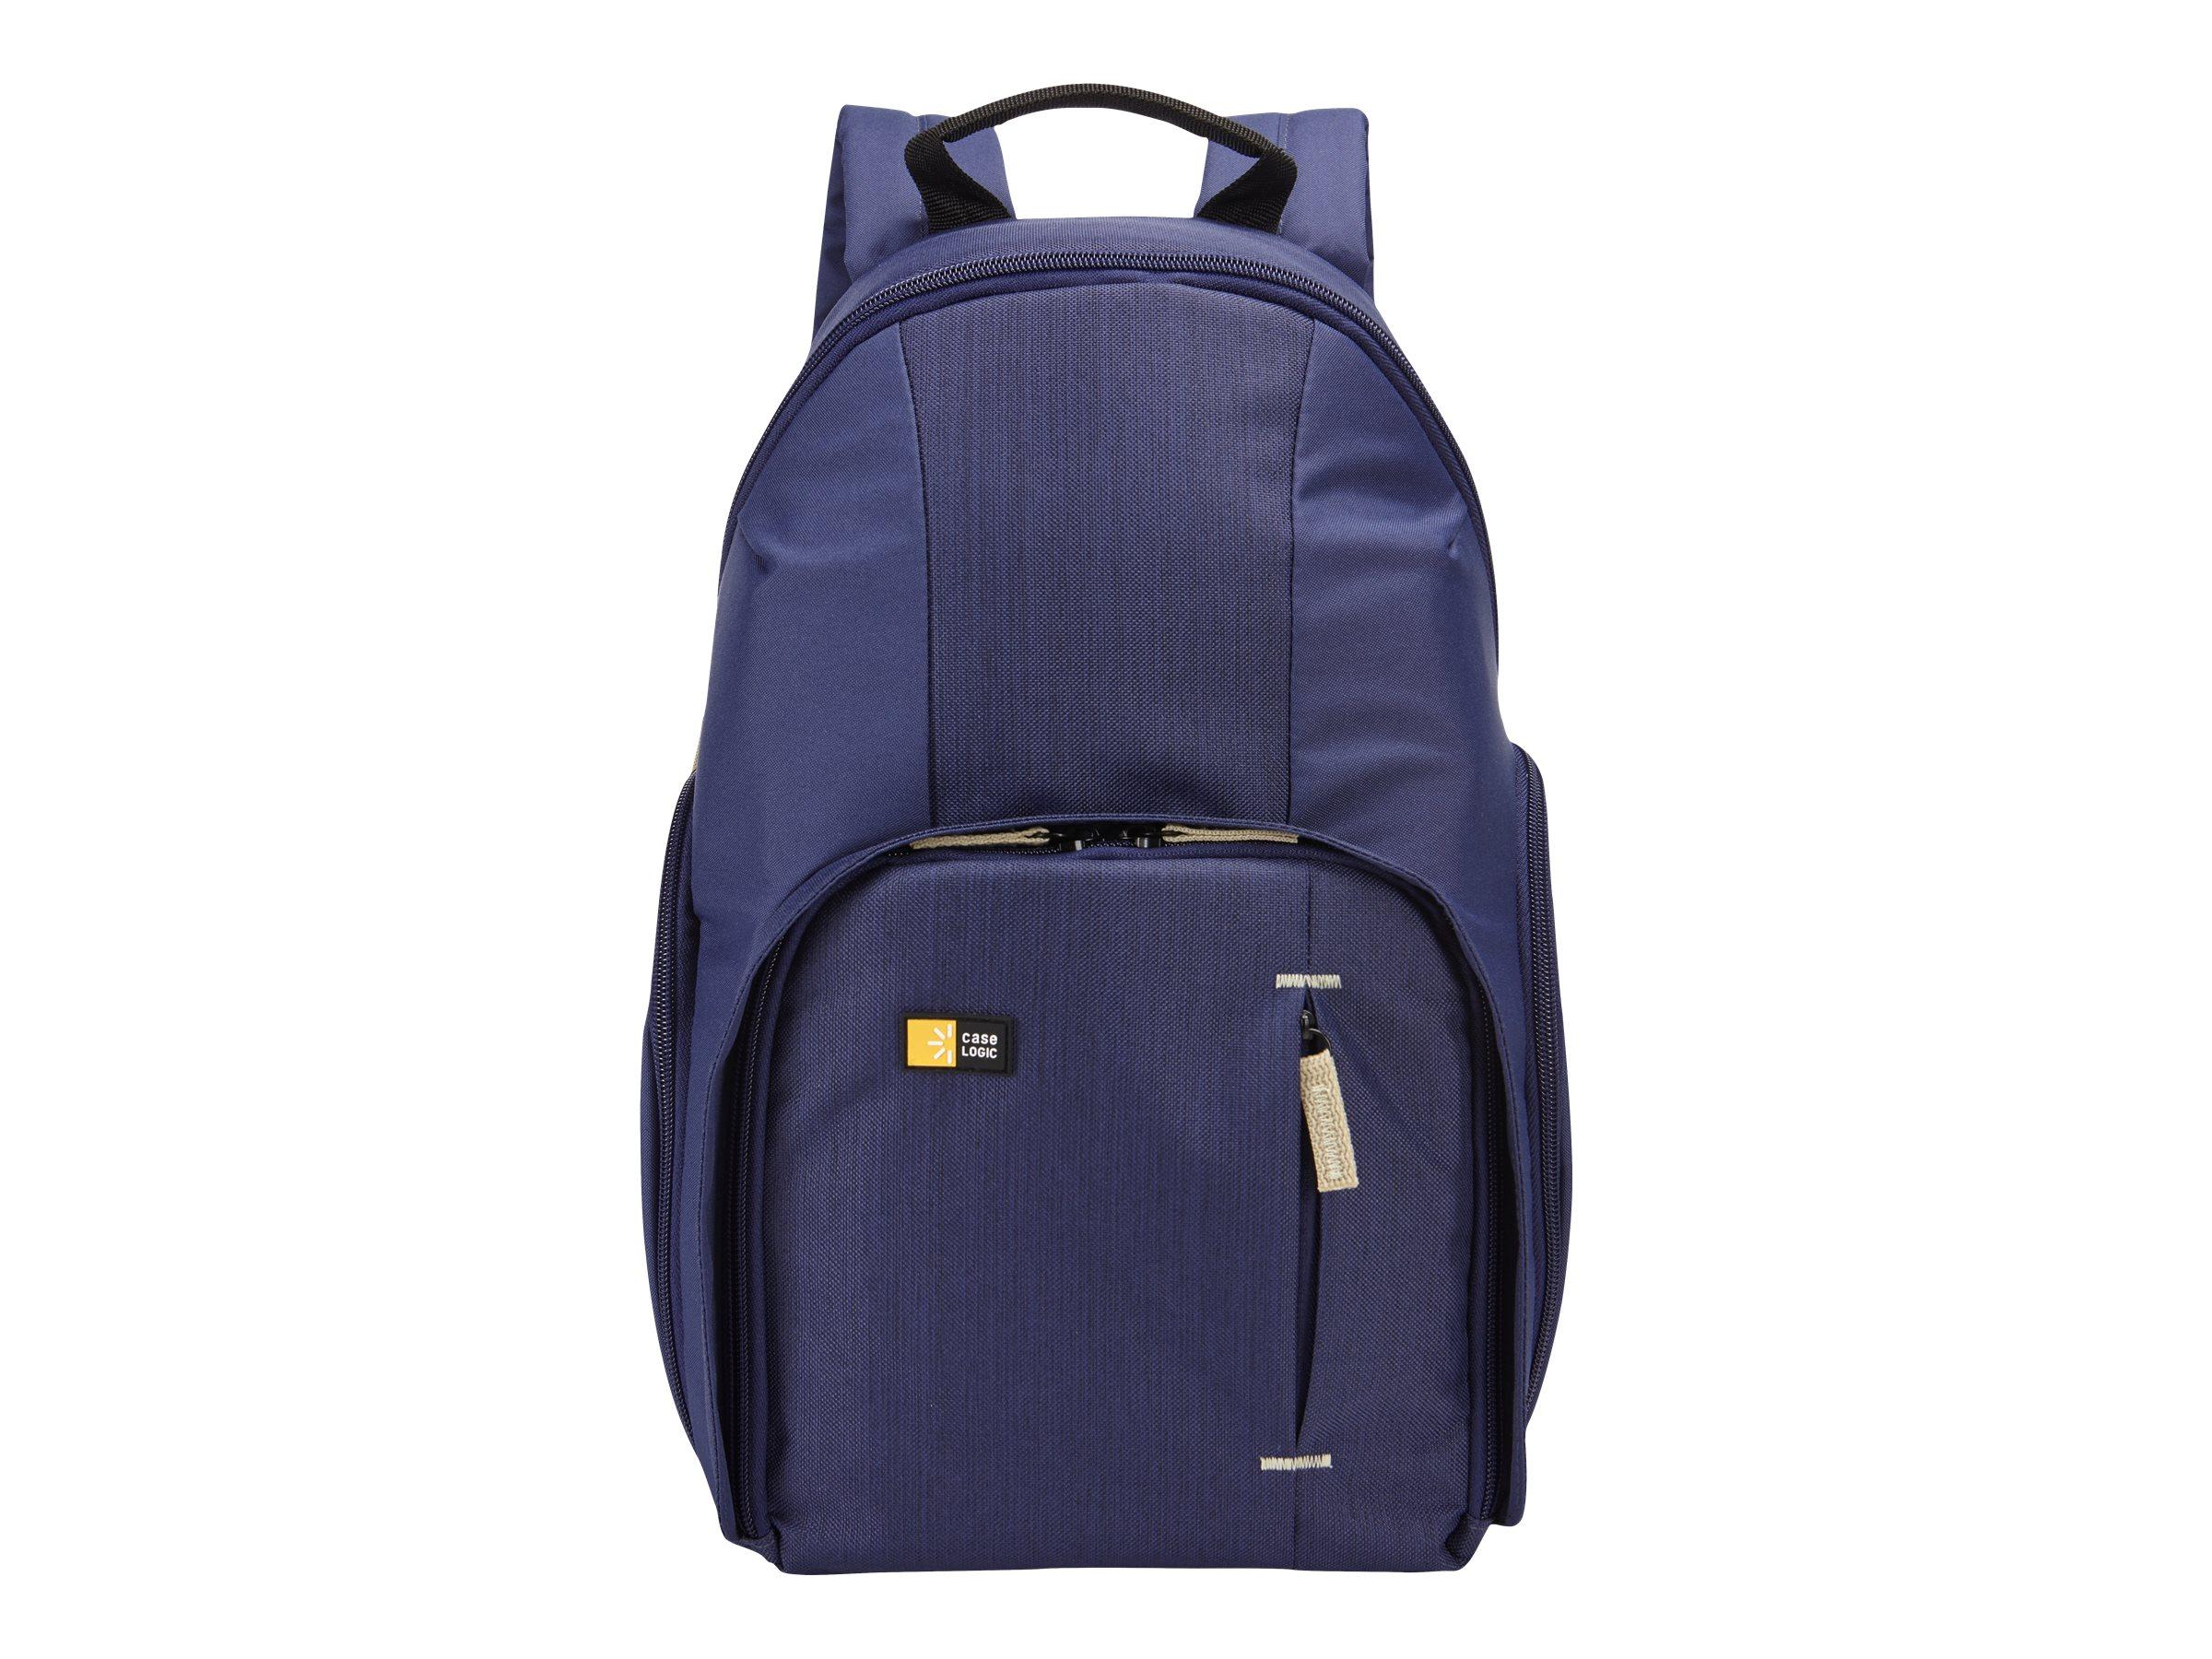 Case Logic DSLR Compact - Schultertasche für Kamera mit Objekiven und Tablet - Dobby-Nylon - Blau, Indigo